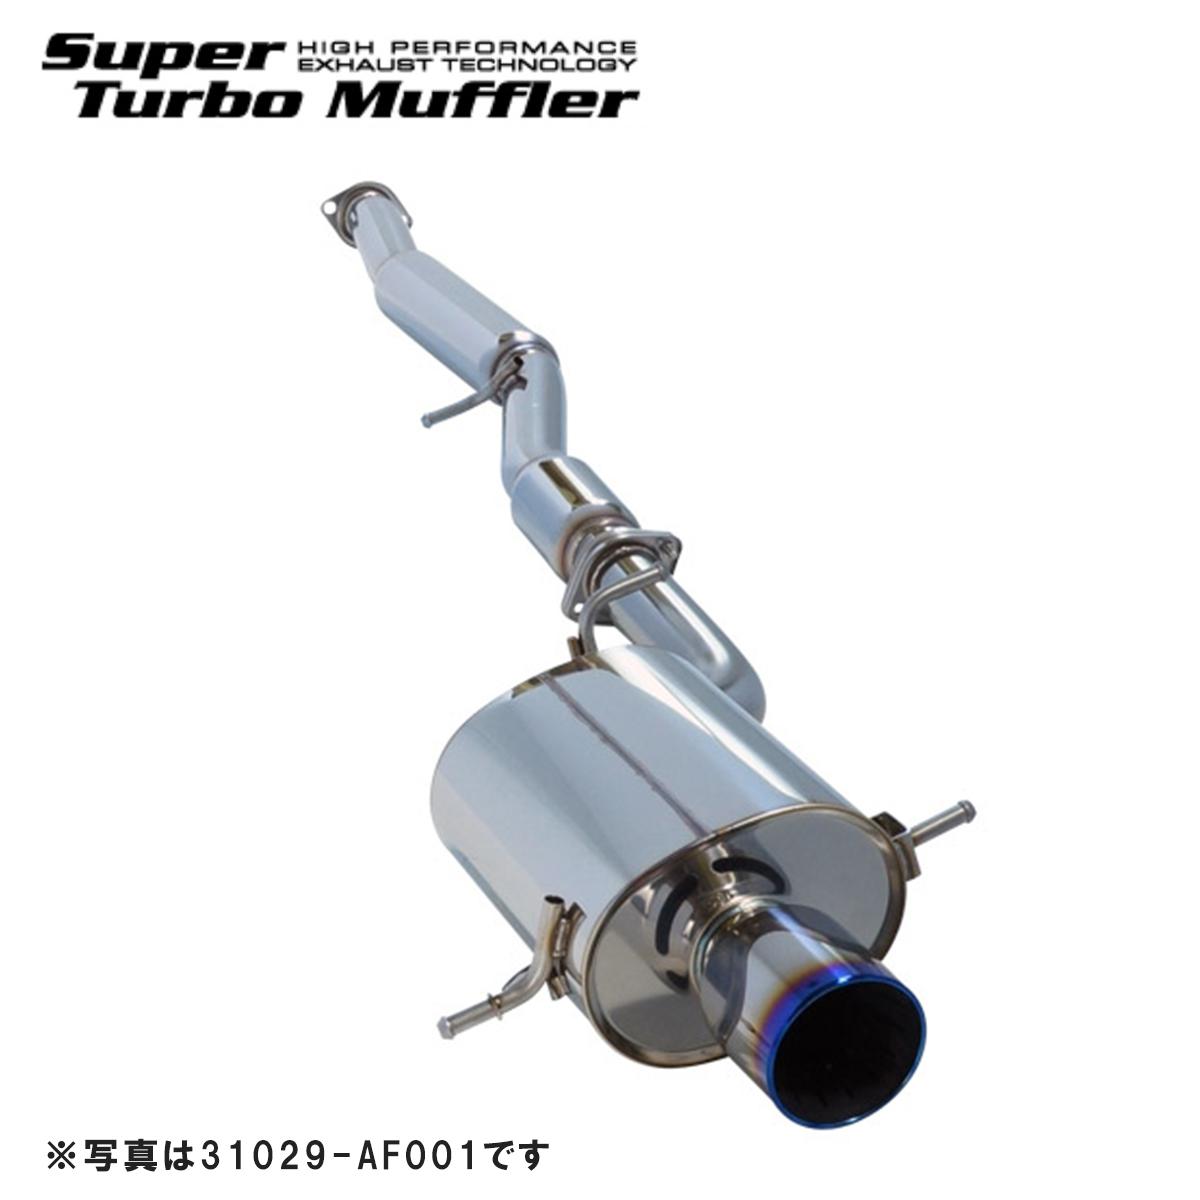 ランエボ ランサーエボリューション マフラー GH-CT9A(VII) HKS 31029-AM002 スーパーターボマフラー 配送先条件有り